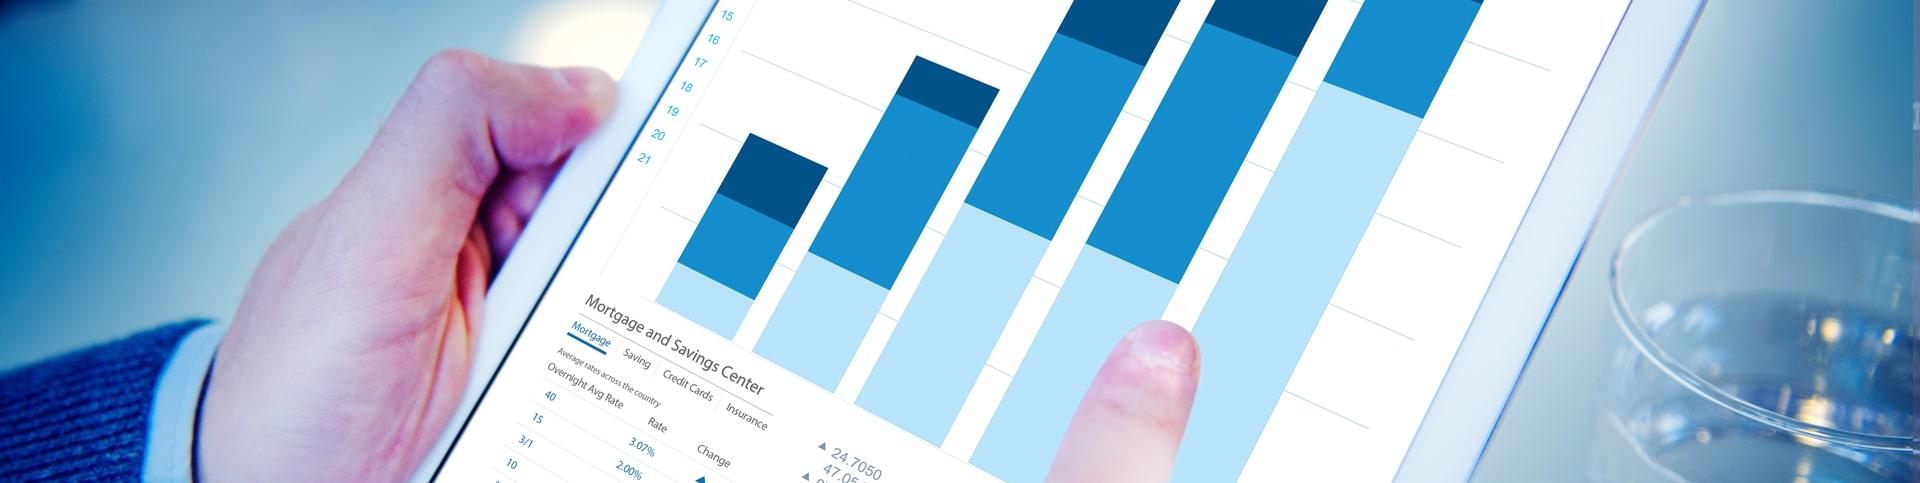 Unternehmen, Steuerberater und Anwälte unterstützen wir mit unserem Know-how und Software von DATEV